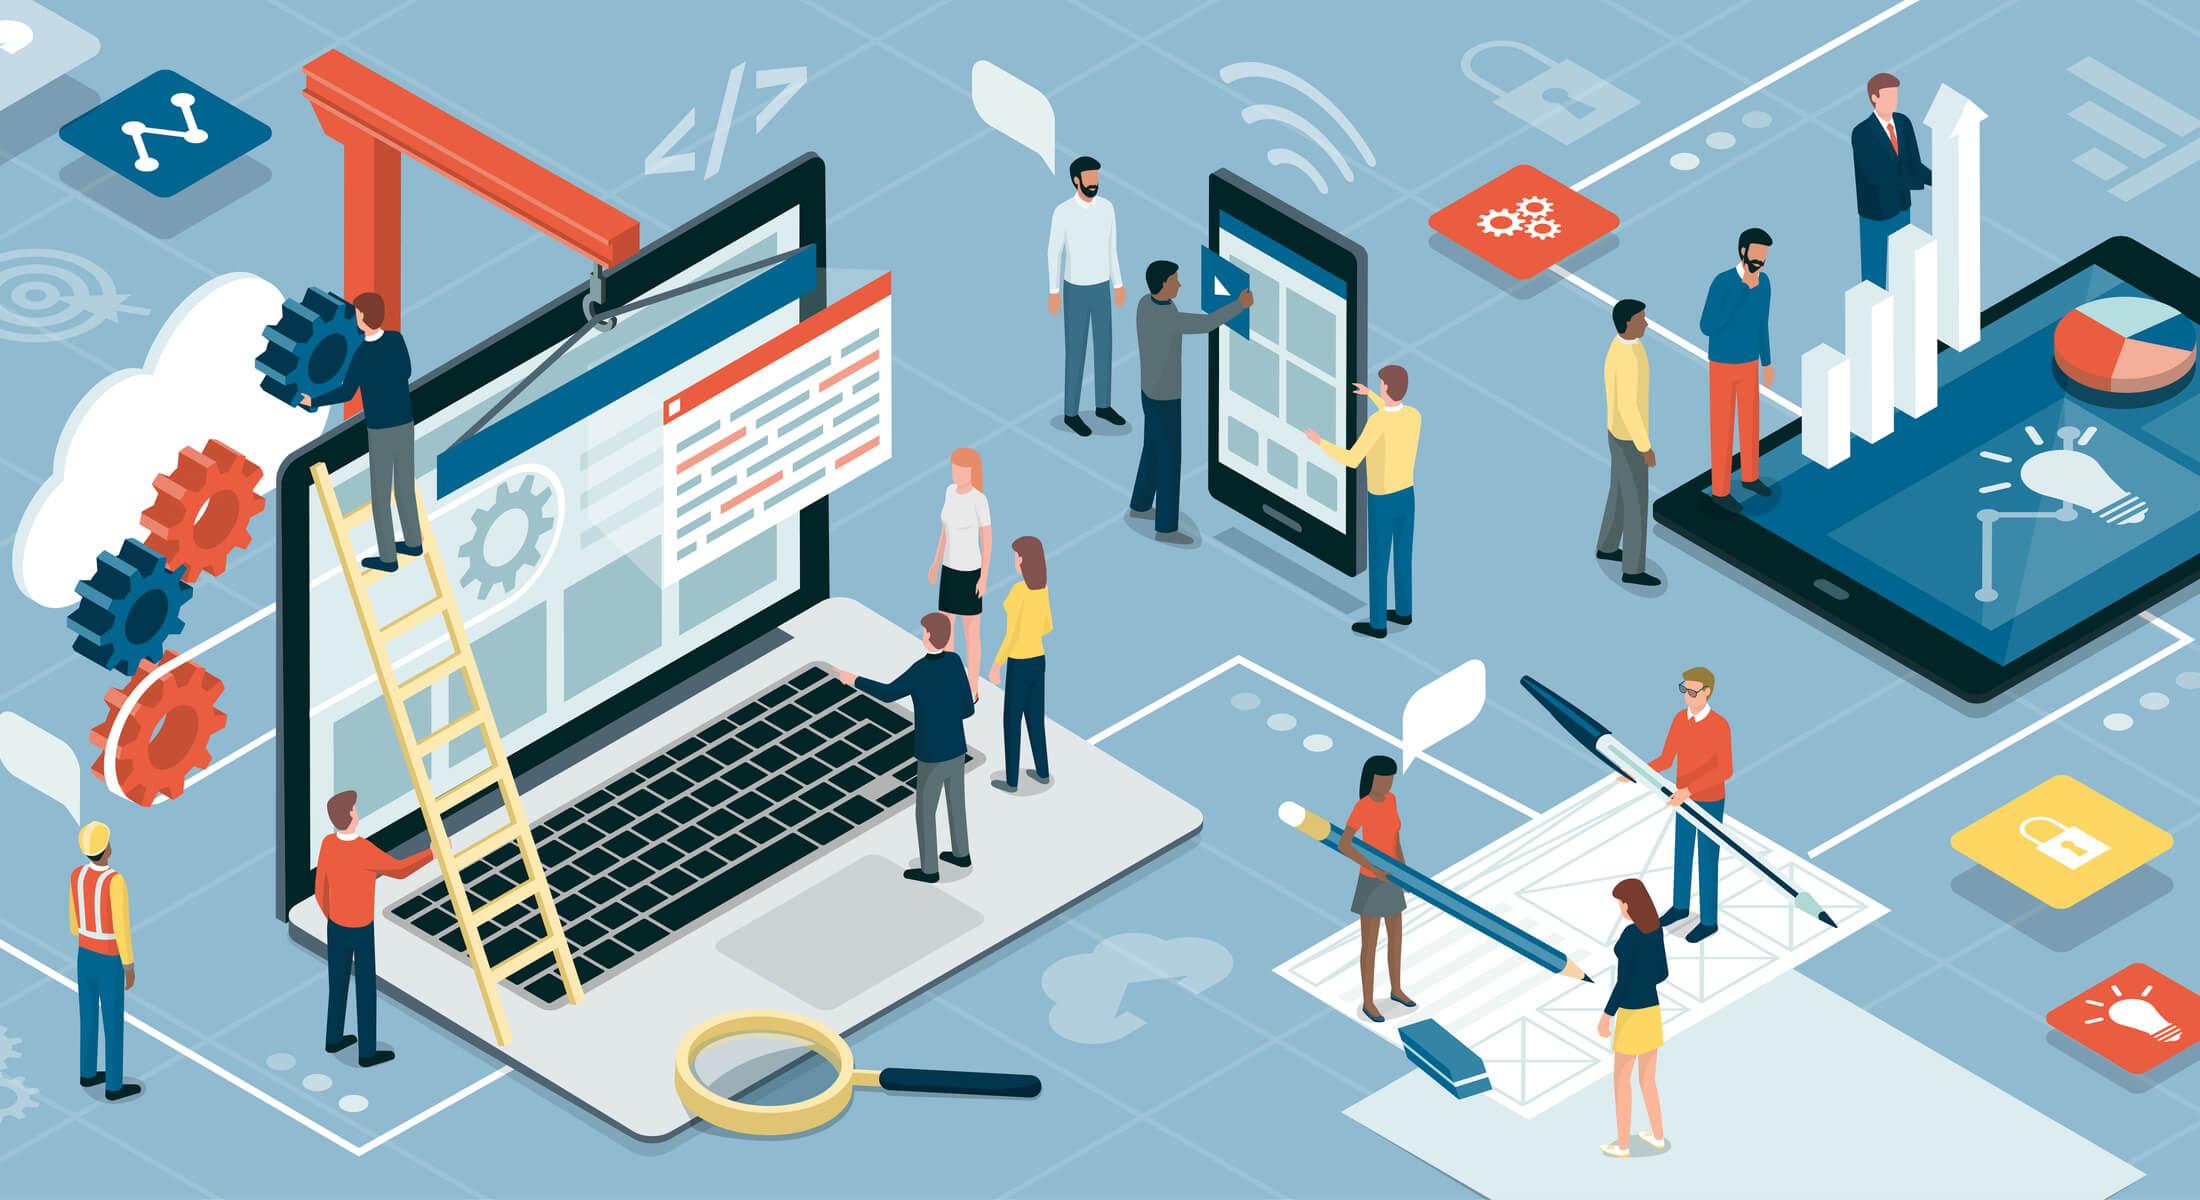 ilustração sobre comunicação empresarial